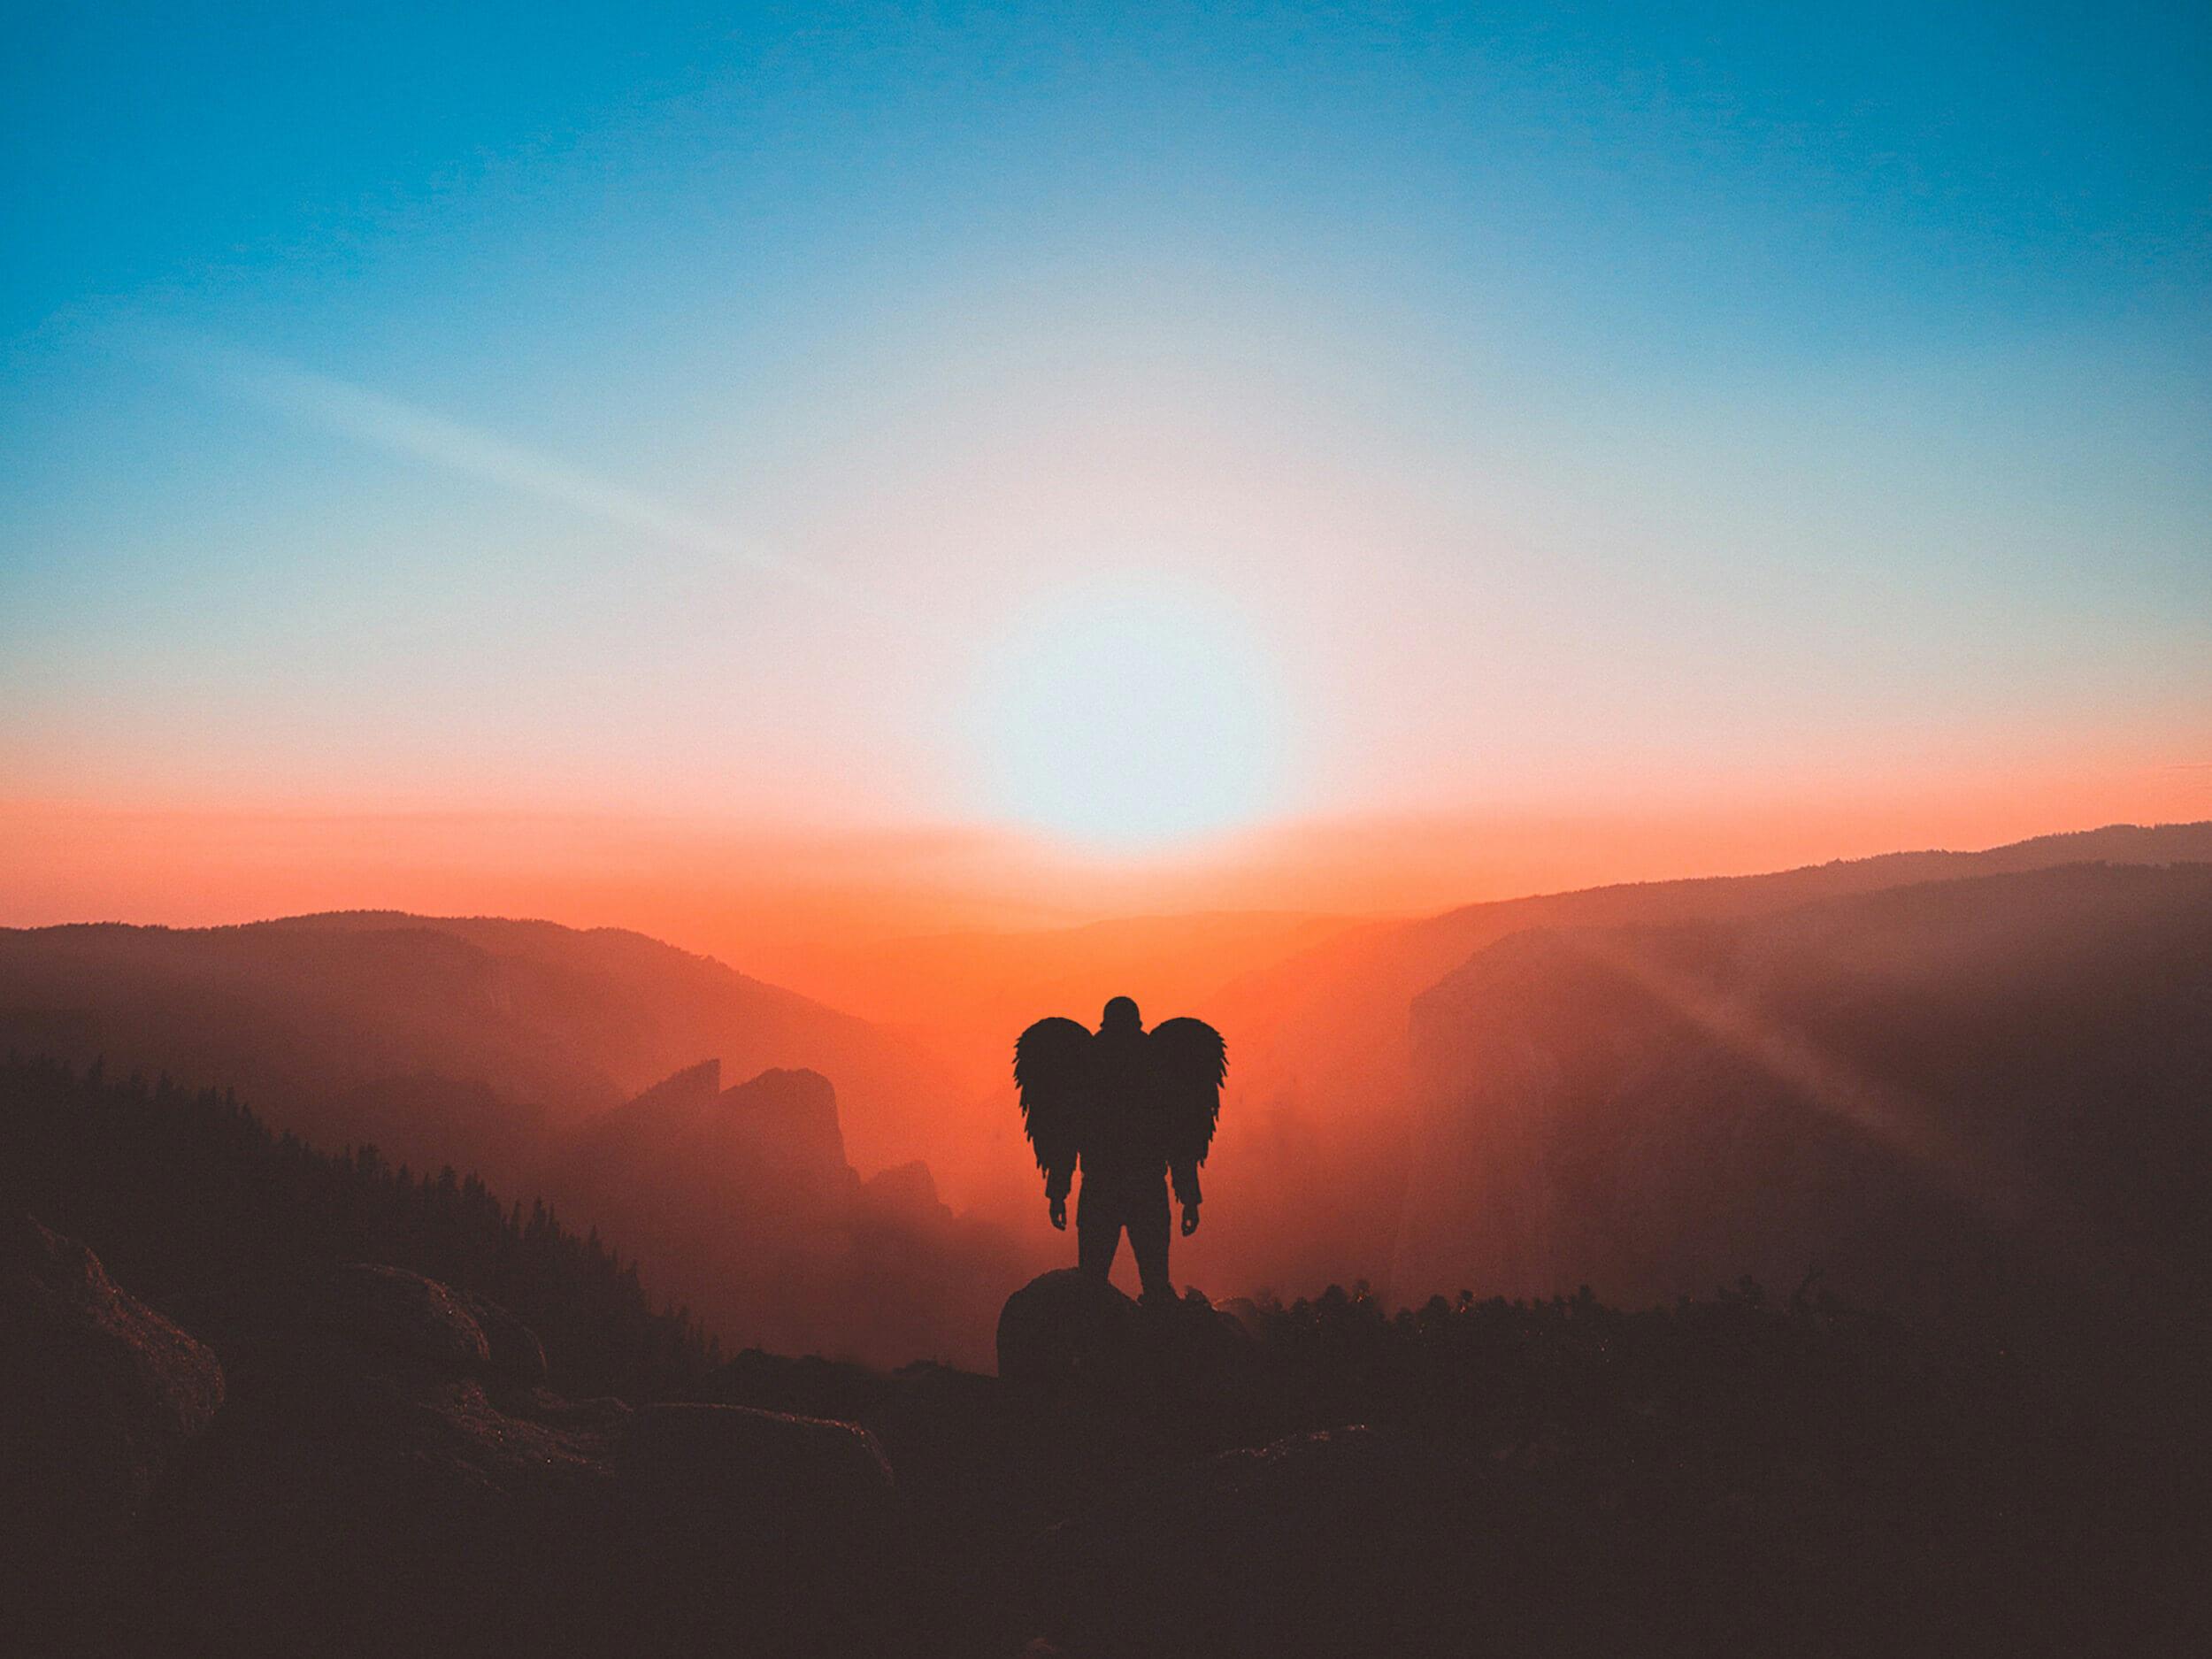 山頂に立つ有翼の男性 夜明け